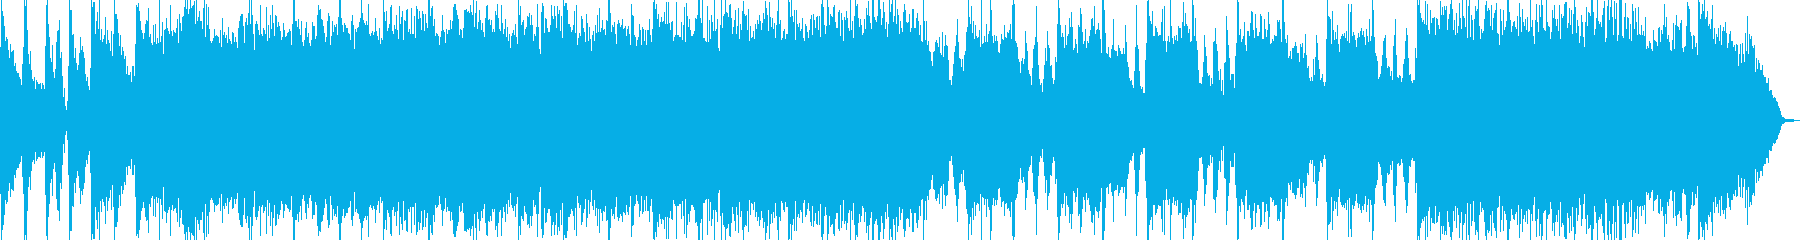 疾走感あふれるパンクロック風オープニングの再生済みの波形